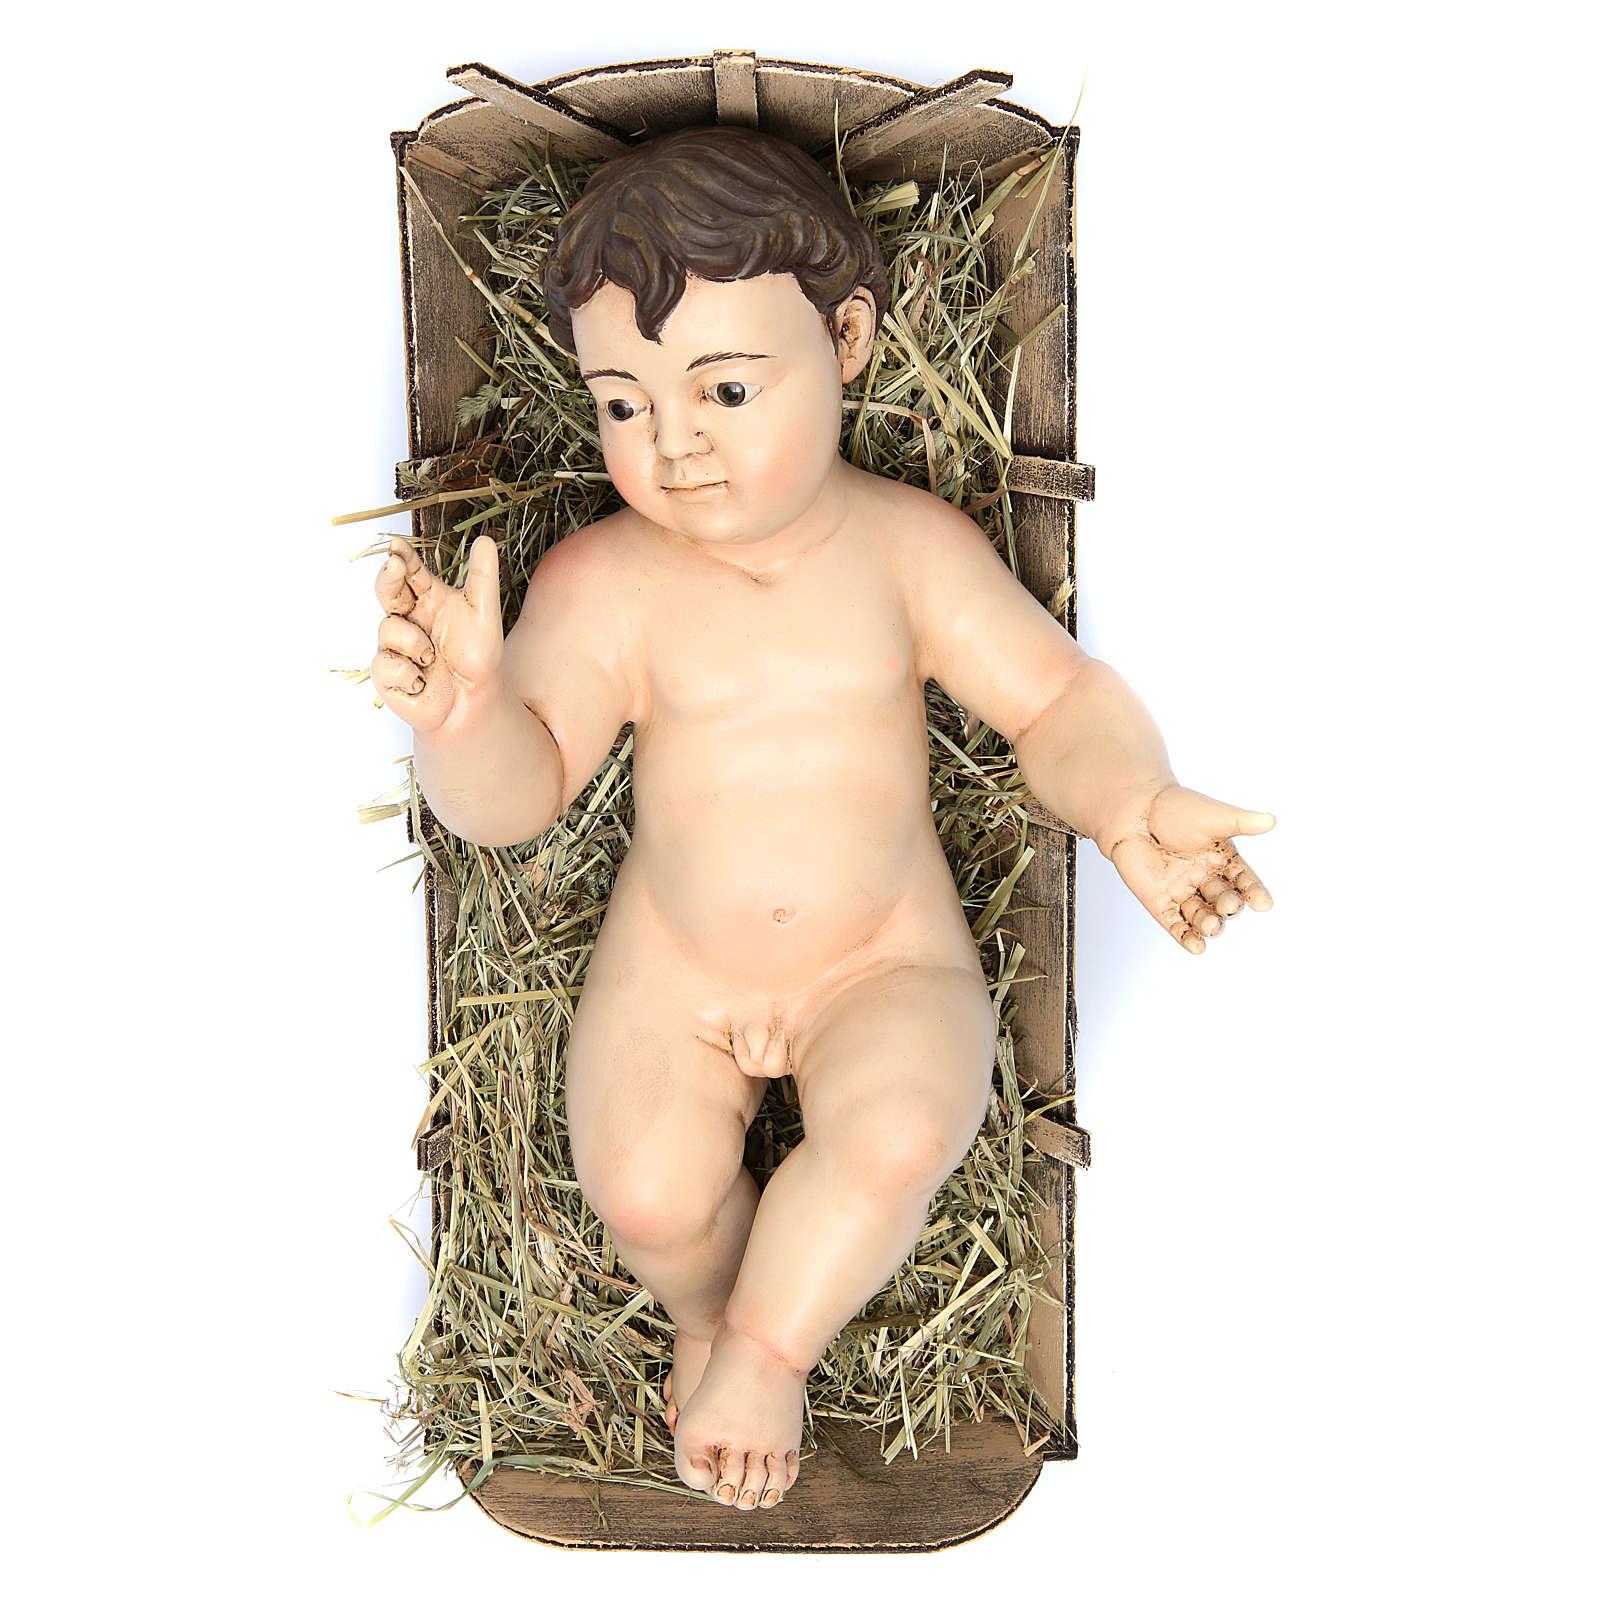 Enfant Jésus terre cuite yeux en verre 35 cm de longueur réelle 4